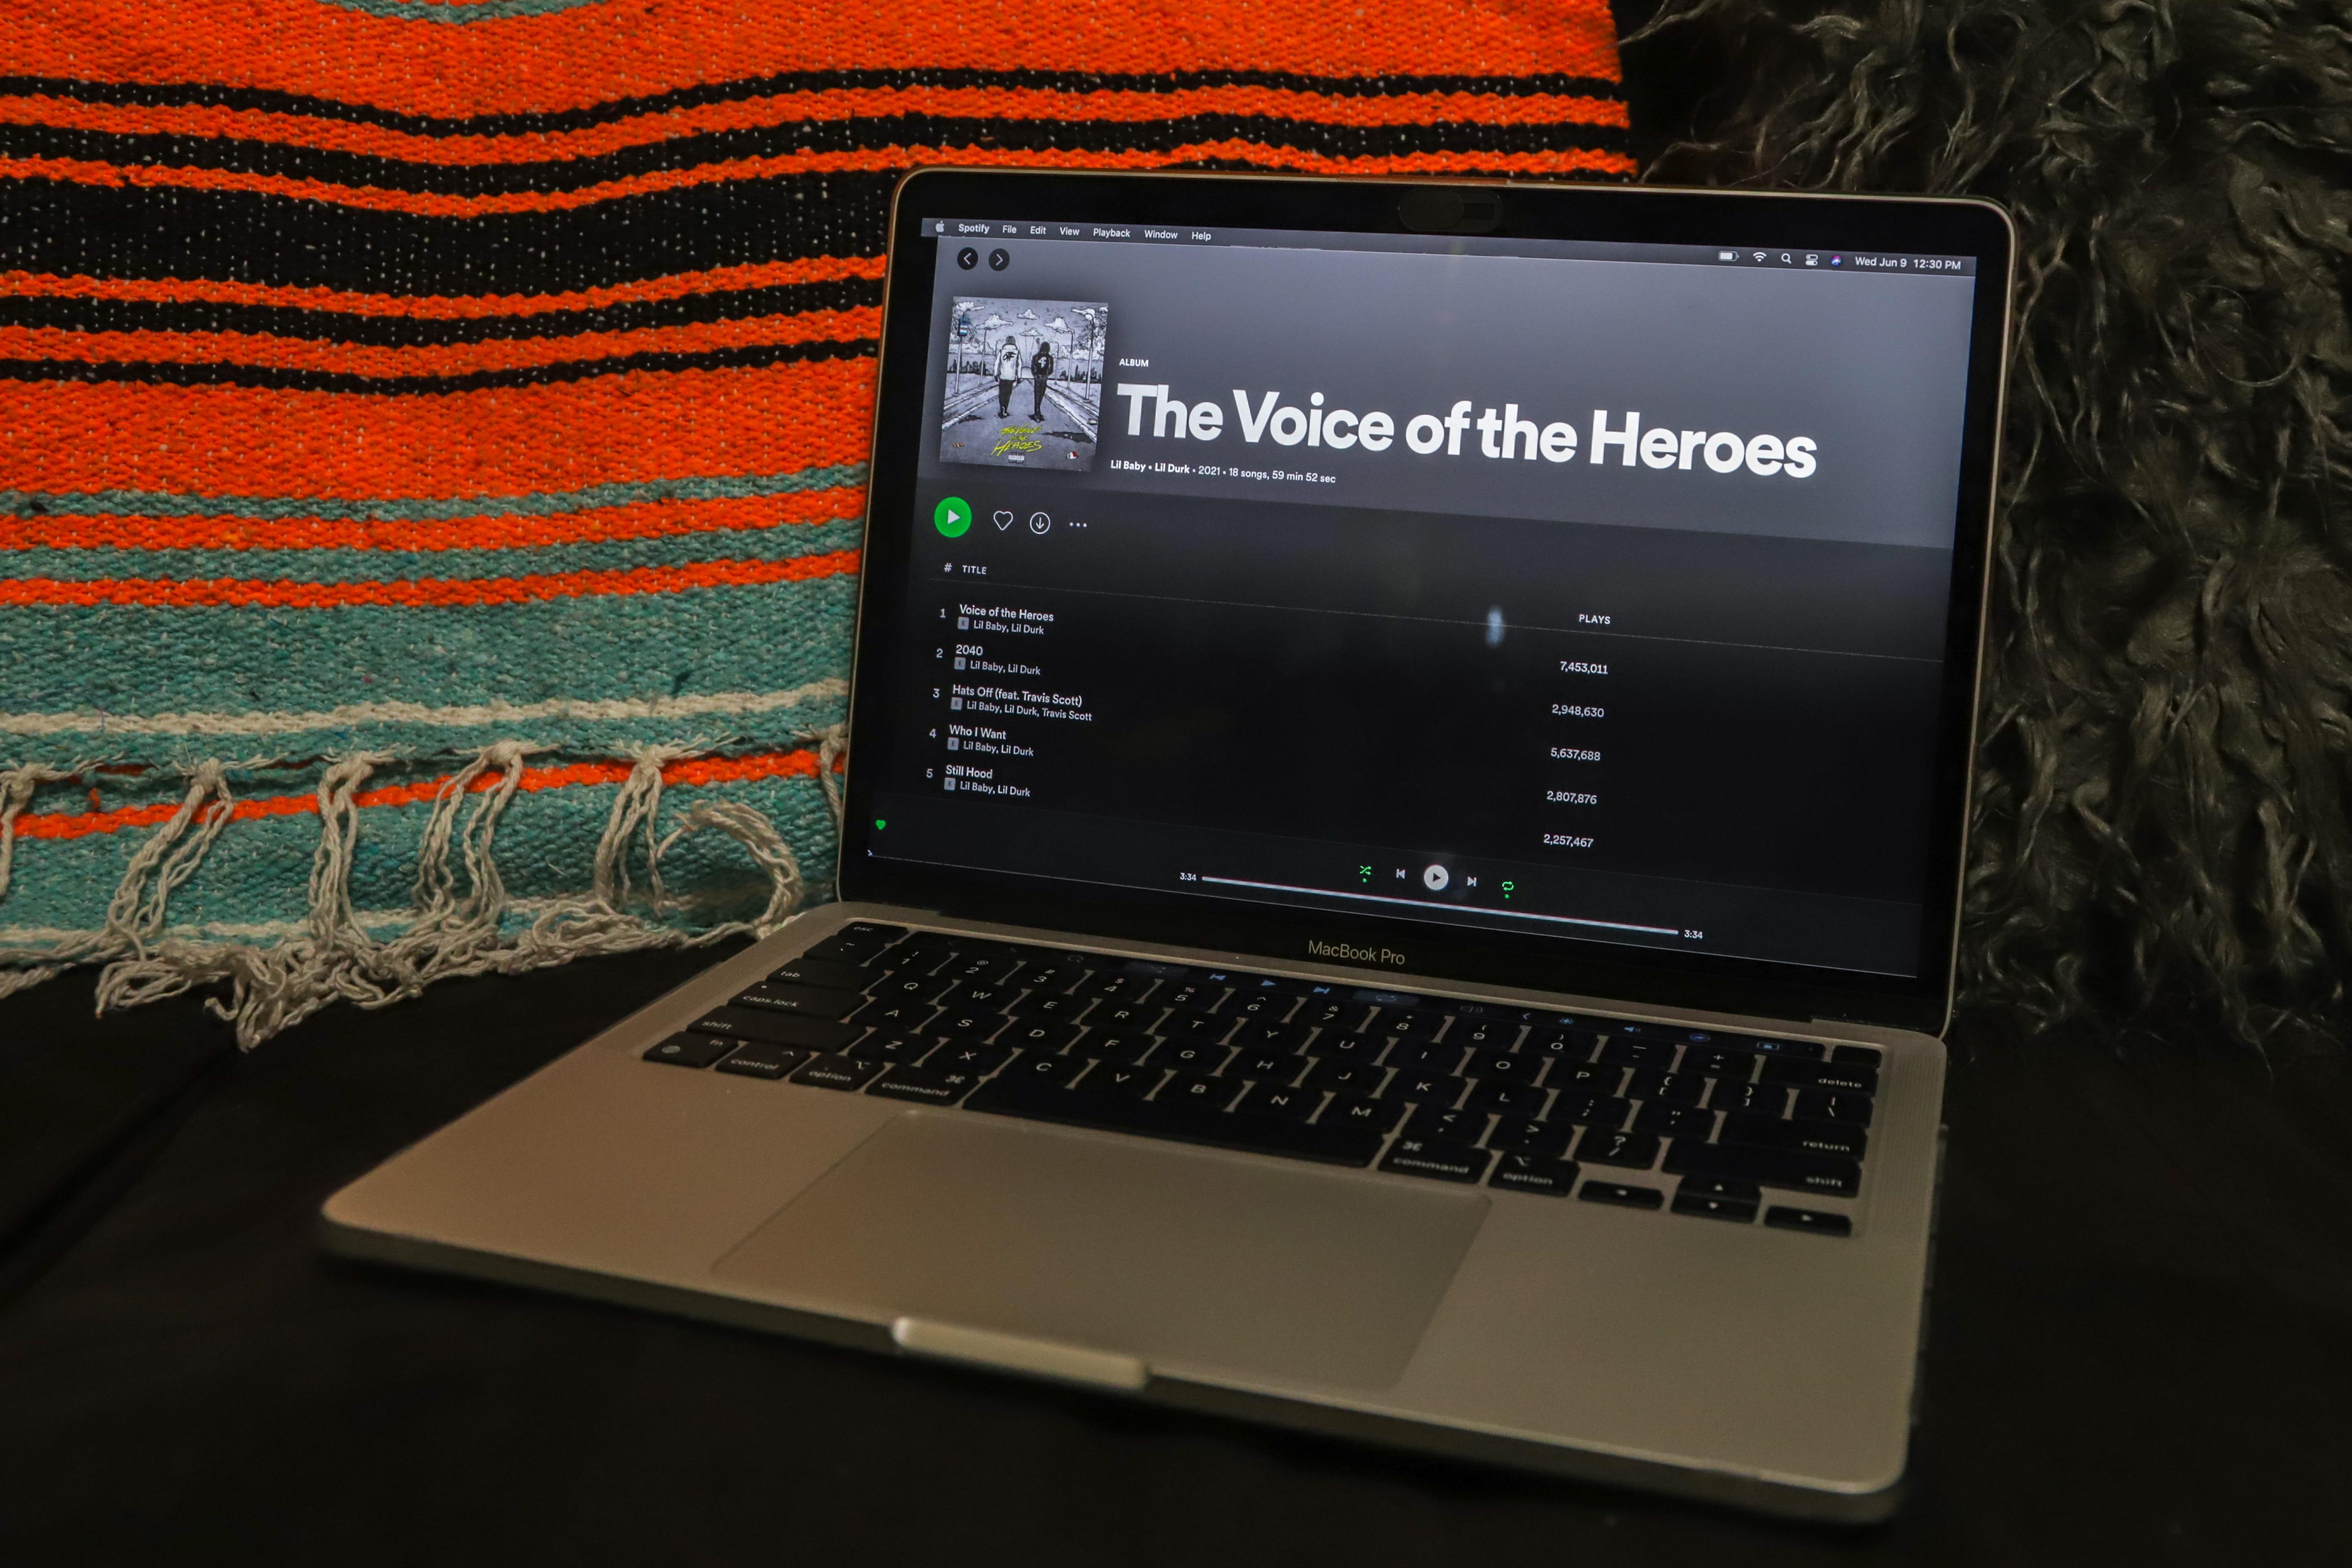 computadora con portada de álbum